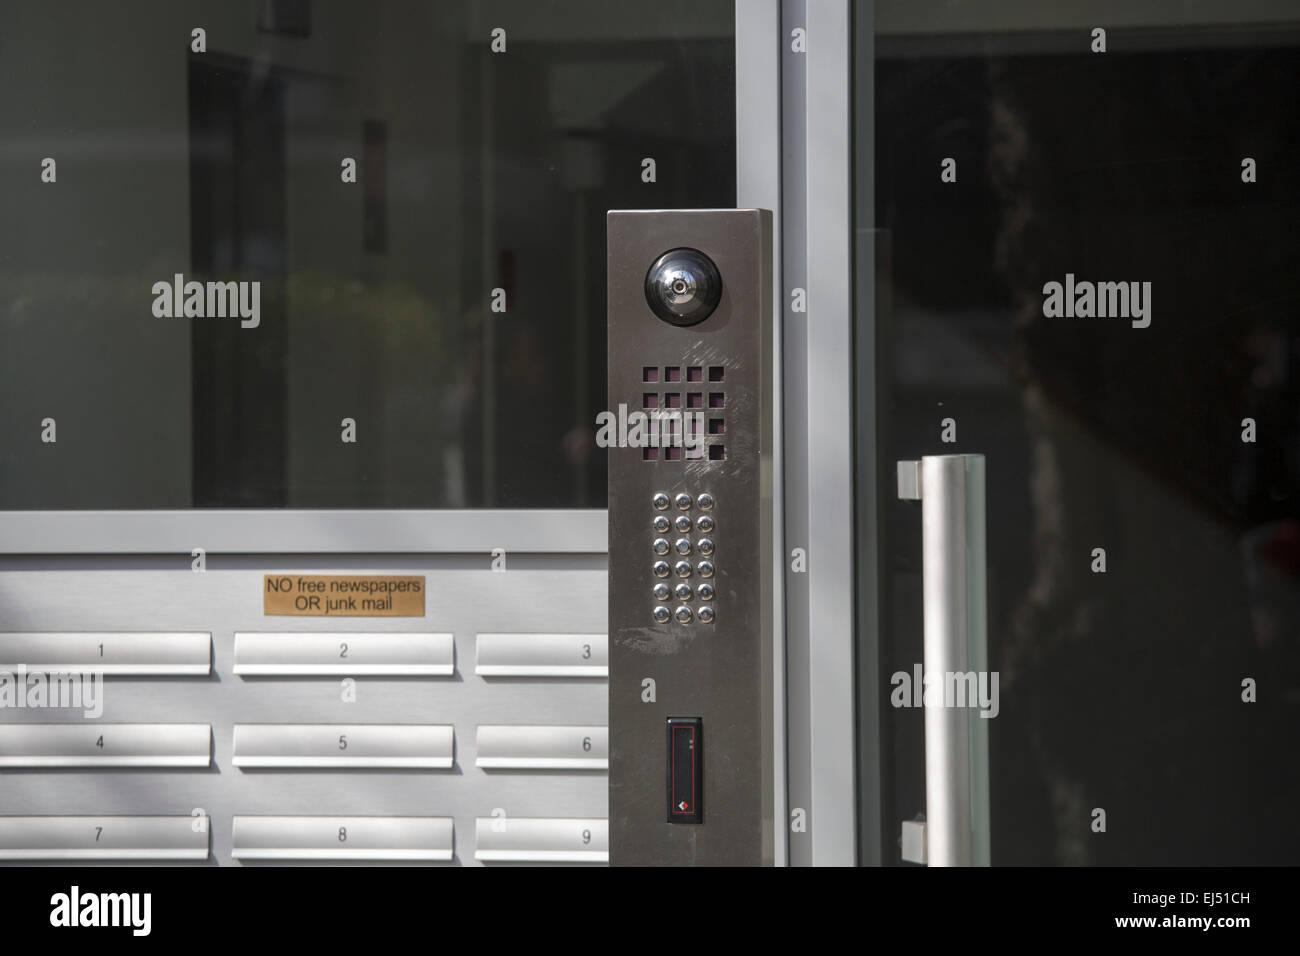 Entrance buzzer intercom bell keypad speaker camera - Stock Image